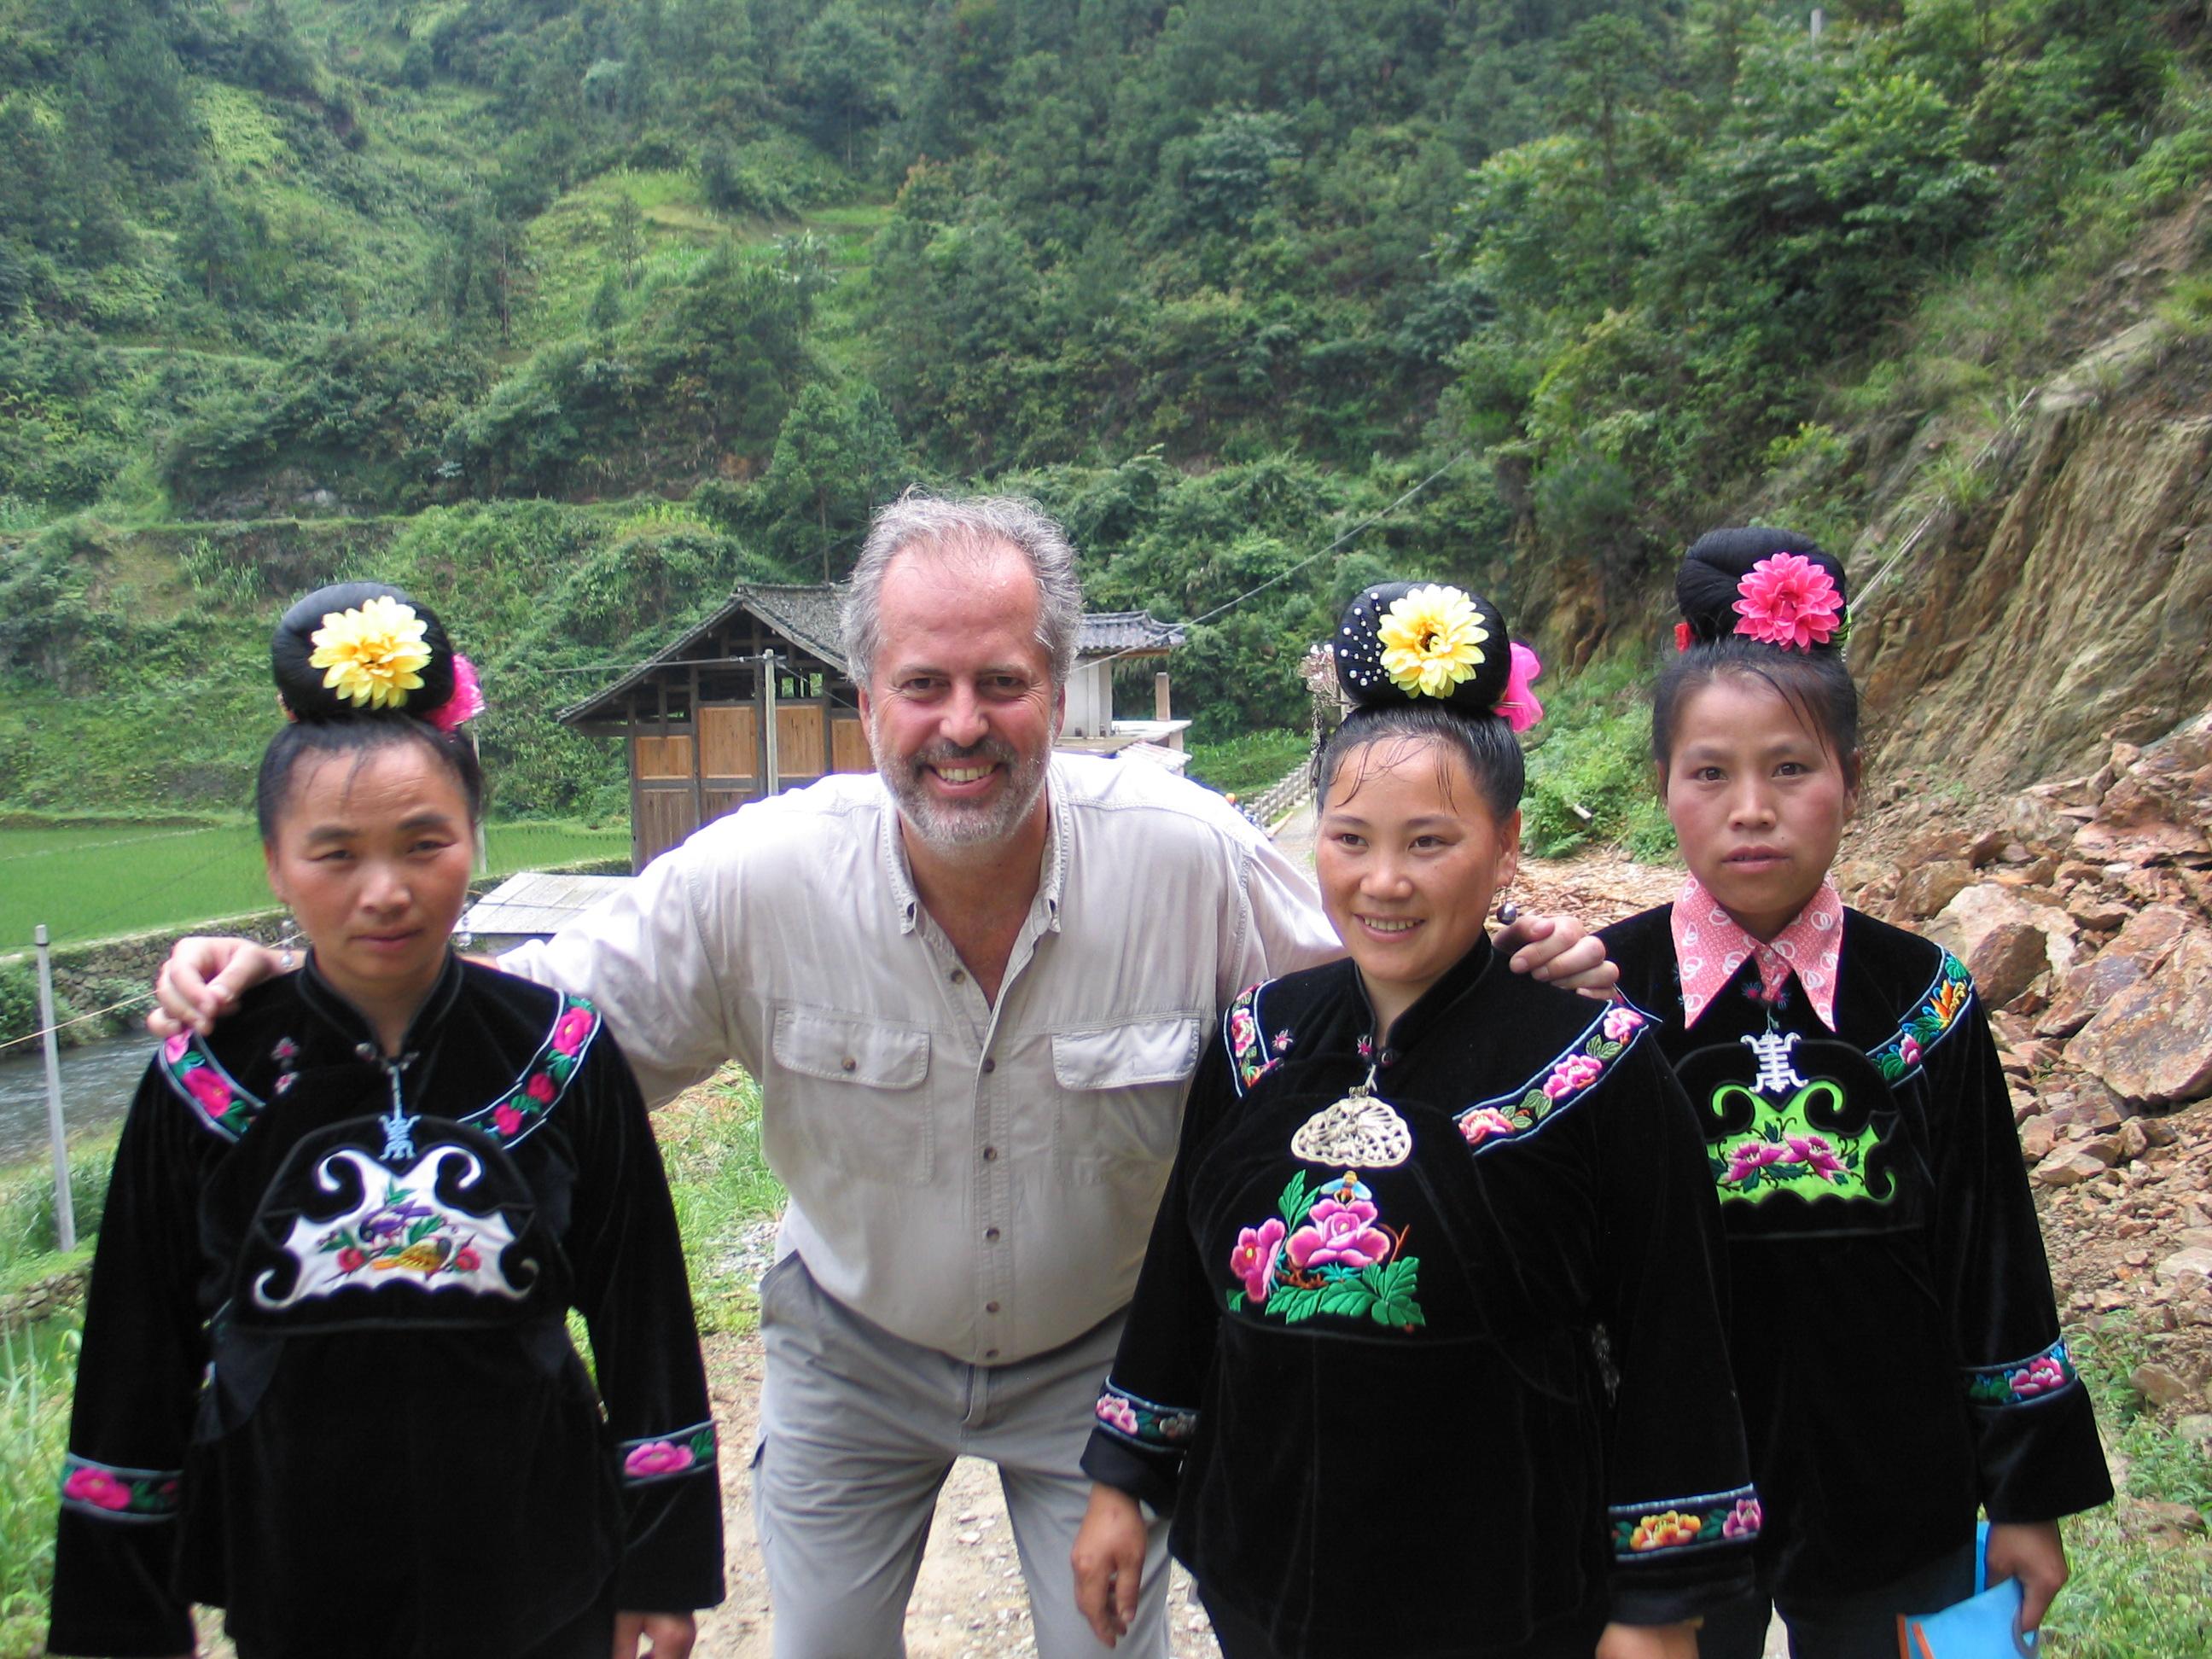 Miao's region- China